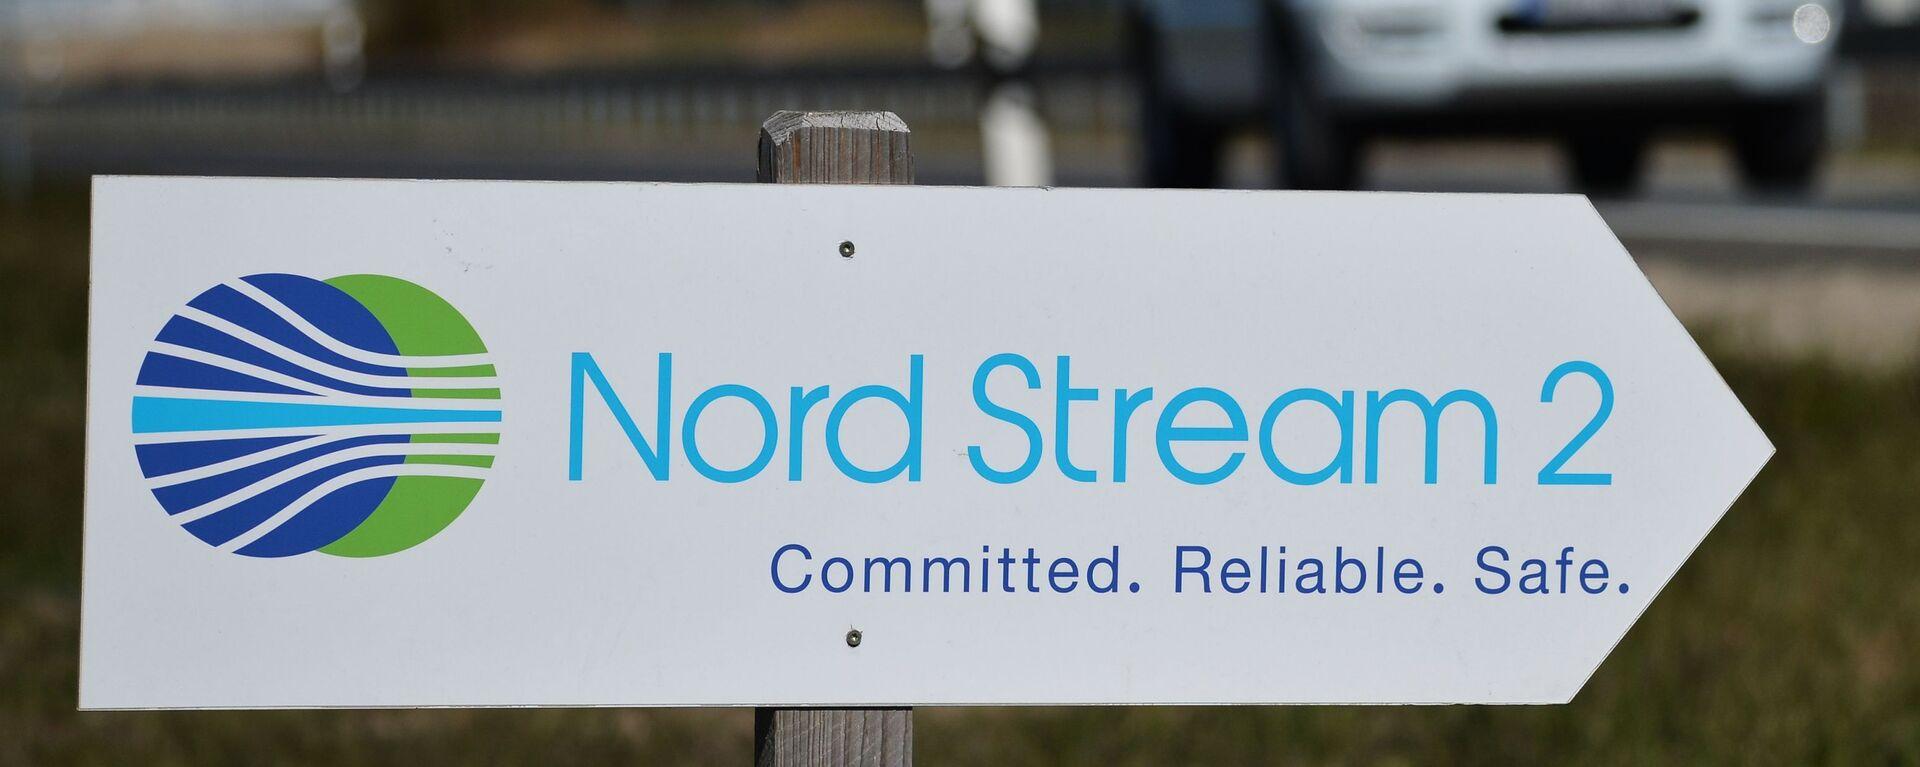 Nords Stream 2 - Sputnik Česká republika, 1920, 14.09.2021